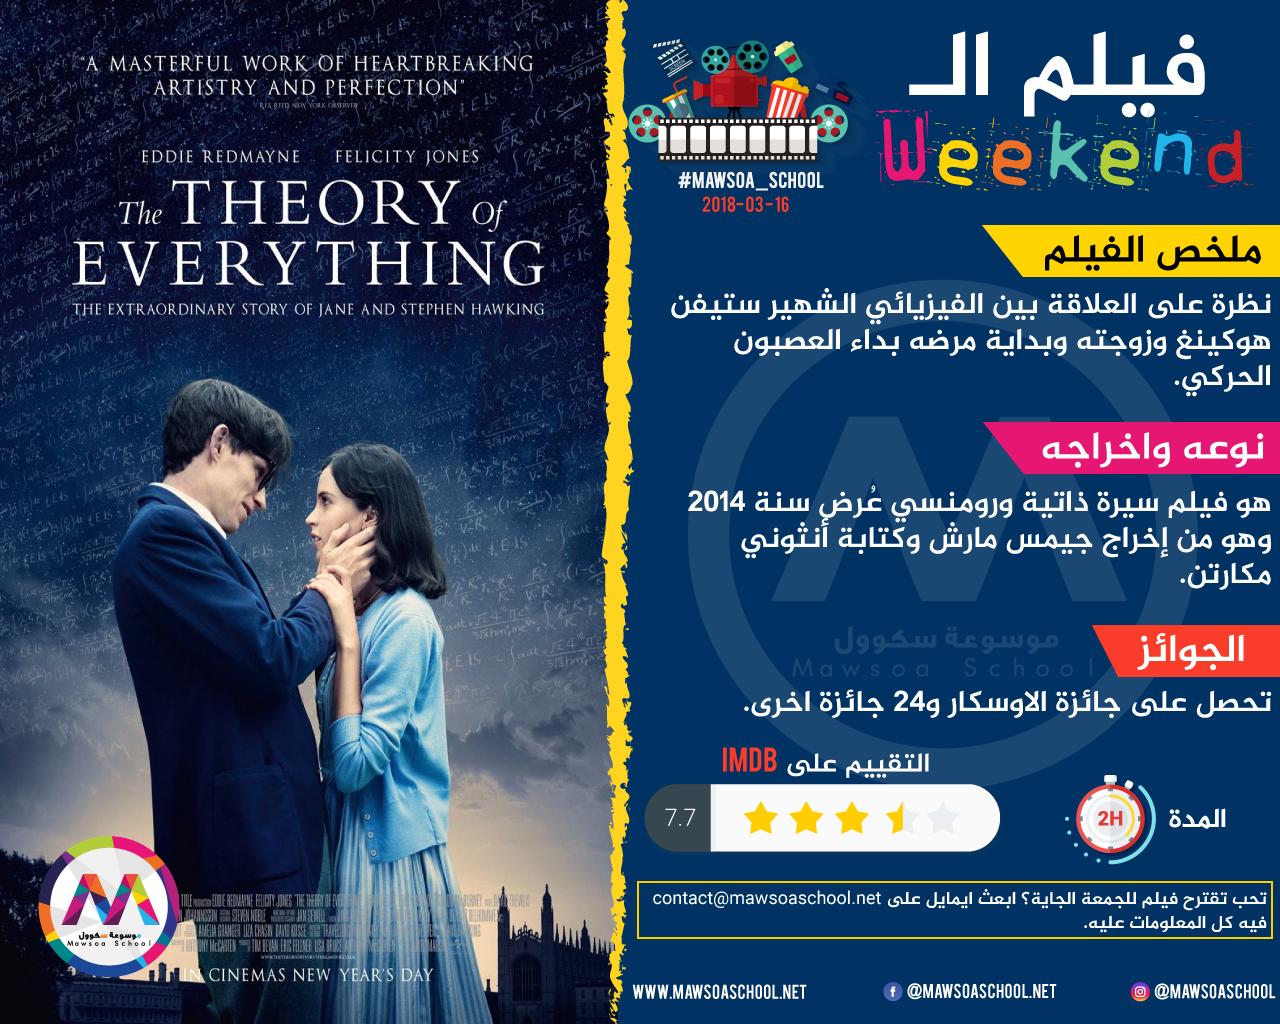 فيلم الـWeekend: The Theory of Everything